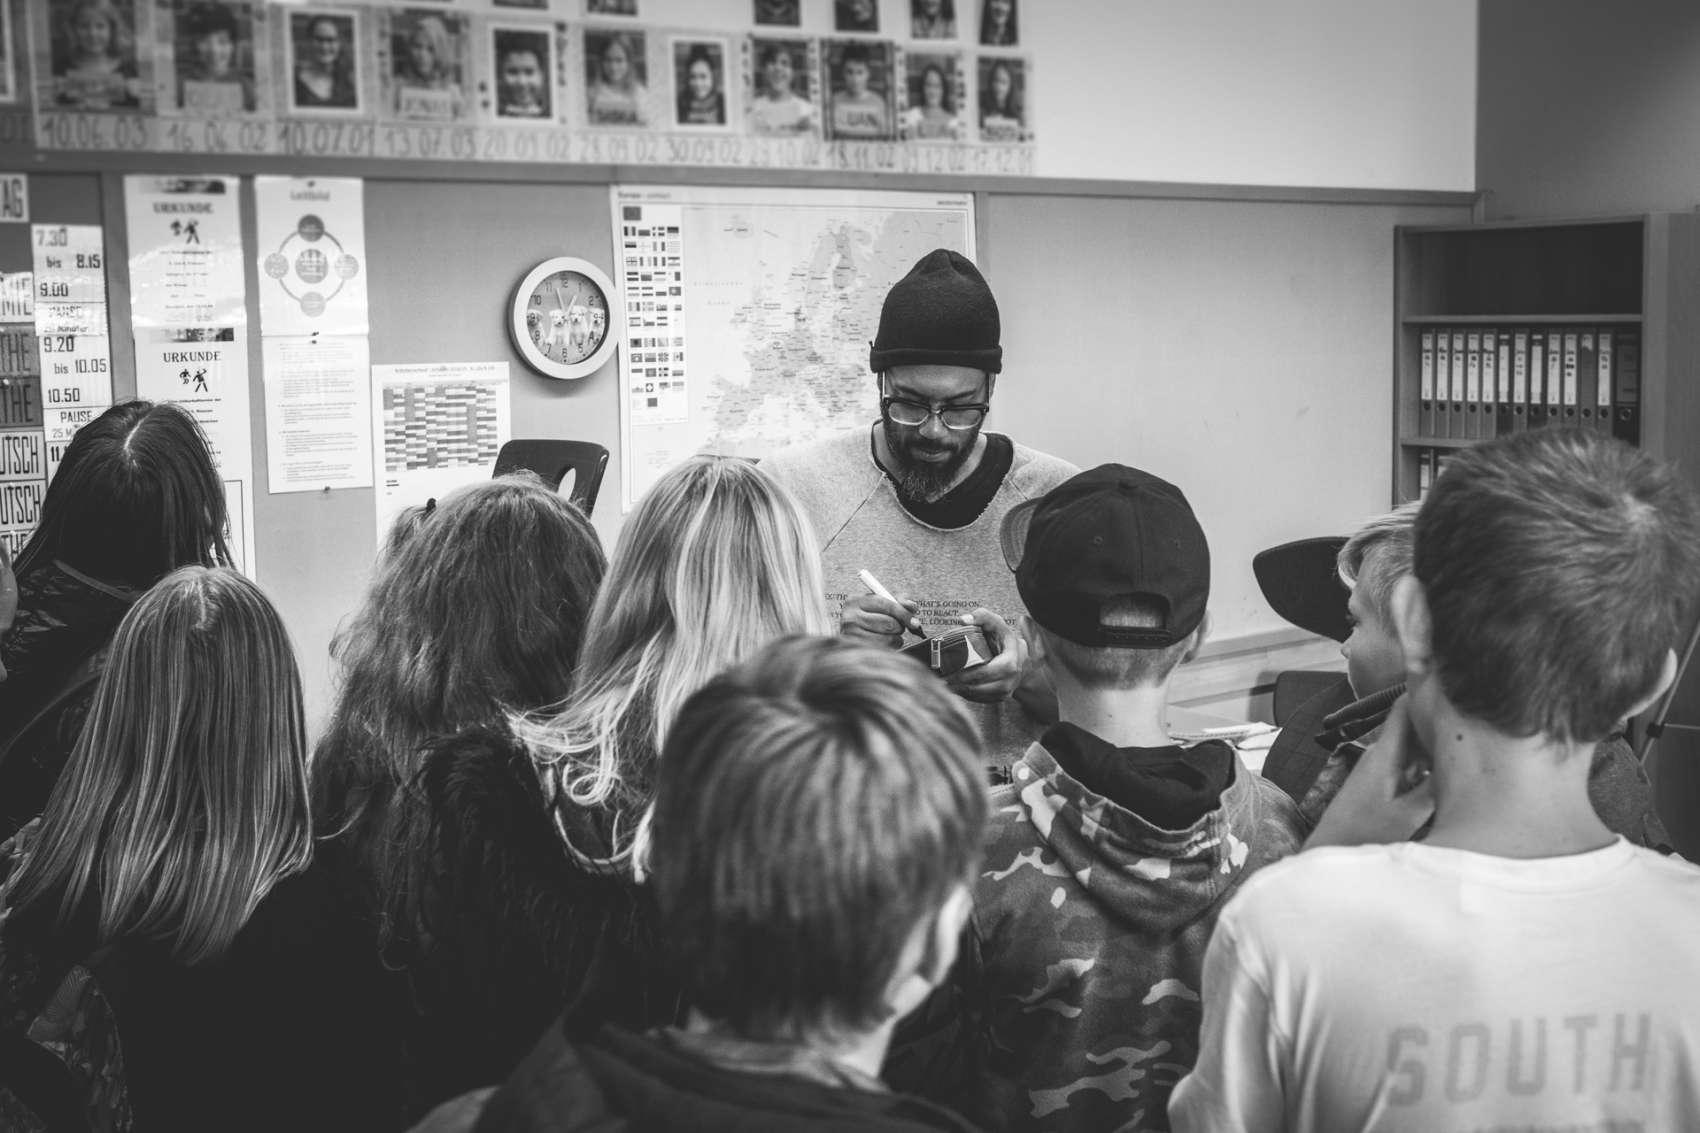 Samy Deluxe als Vertretungslehrer in der Oberschule Hanstedt für das Magazin Spiesser